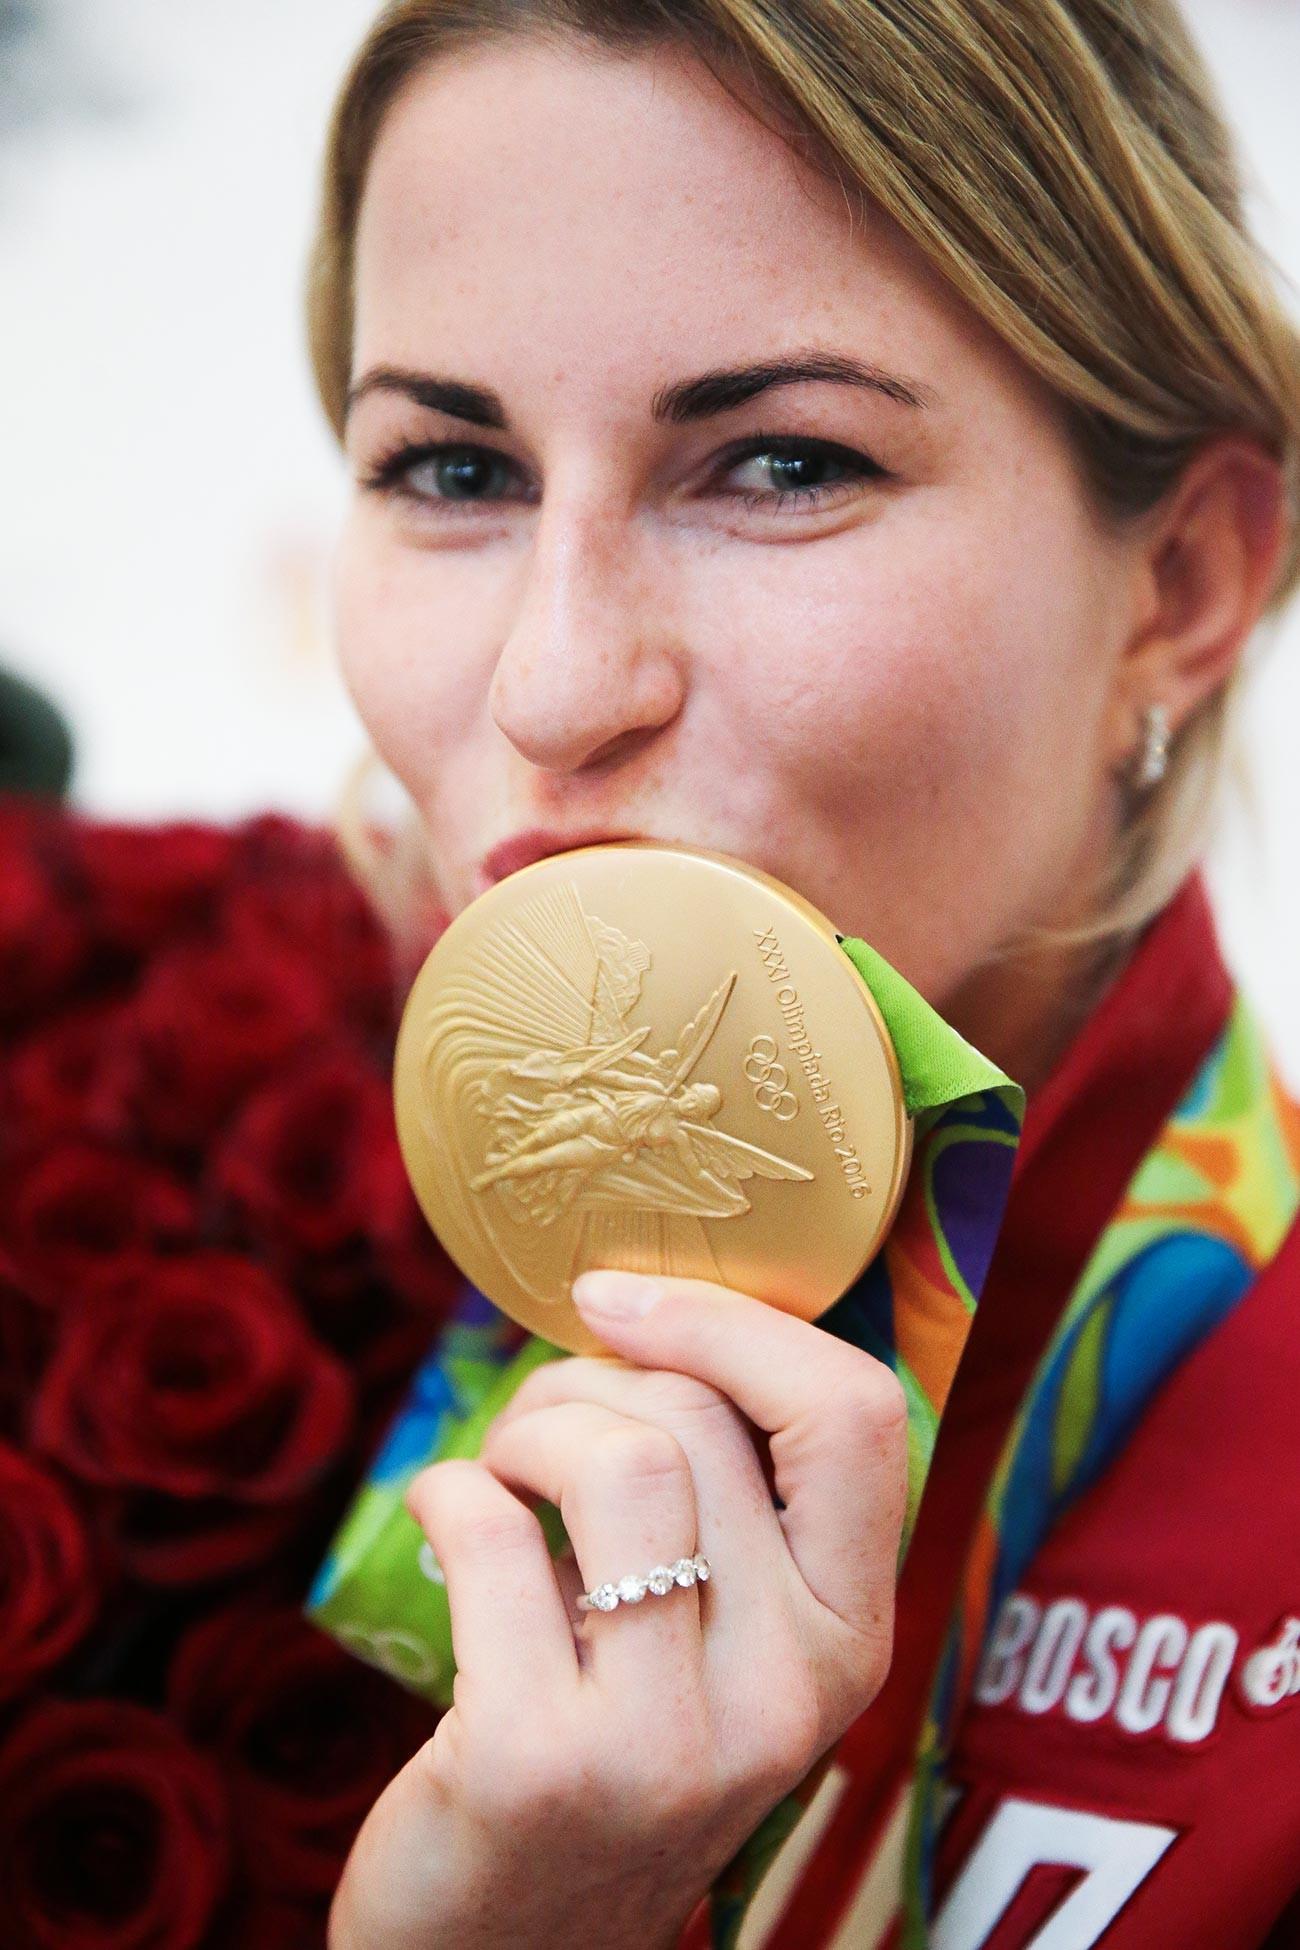 Олимпийская чемпионка по фехтованию на рапирах Инна Дериглазова в аэропорту Шереметьево